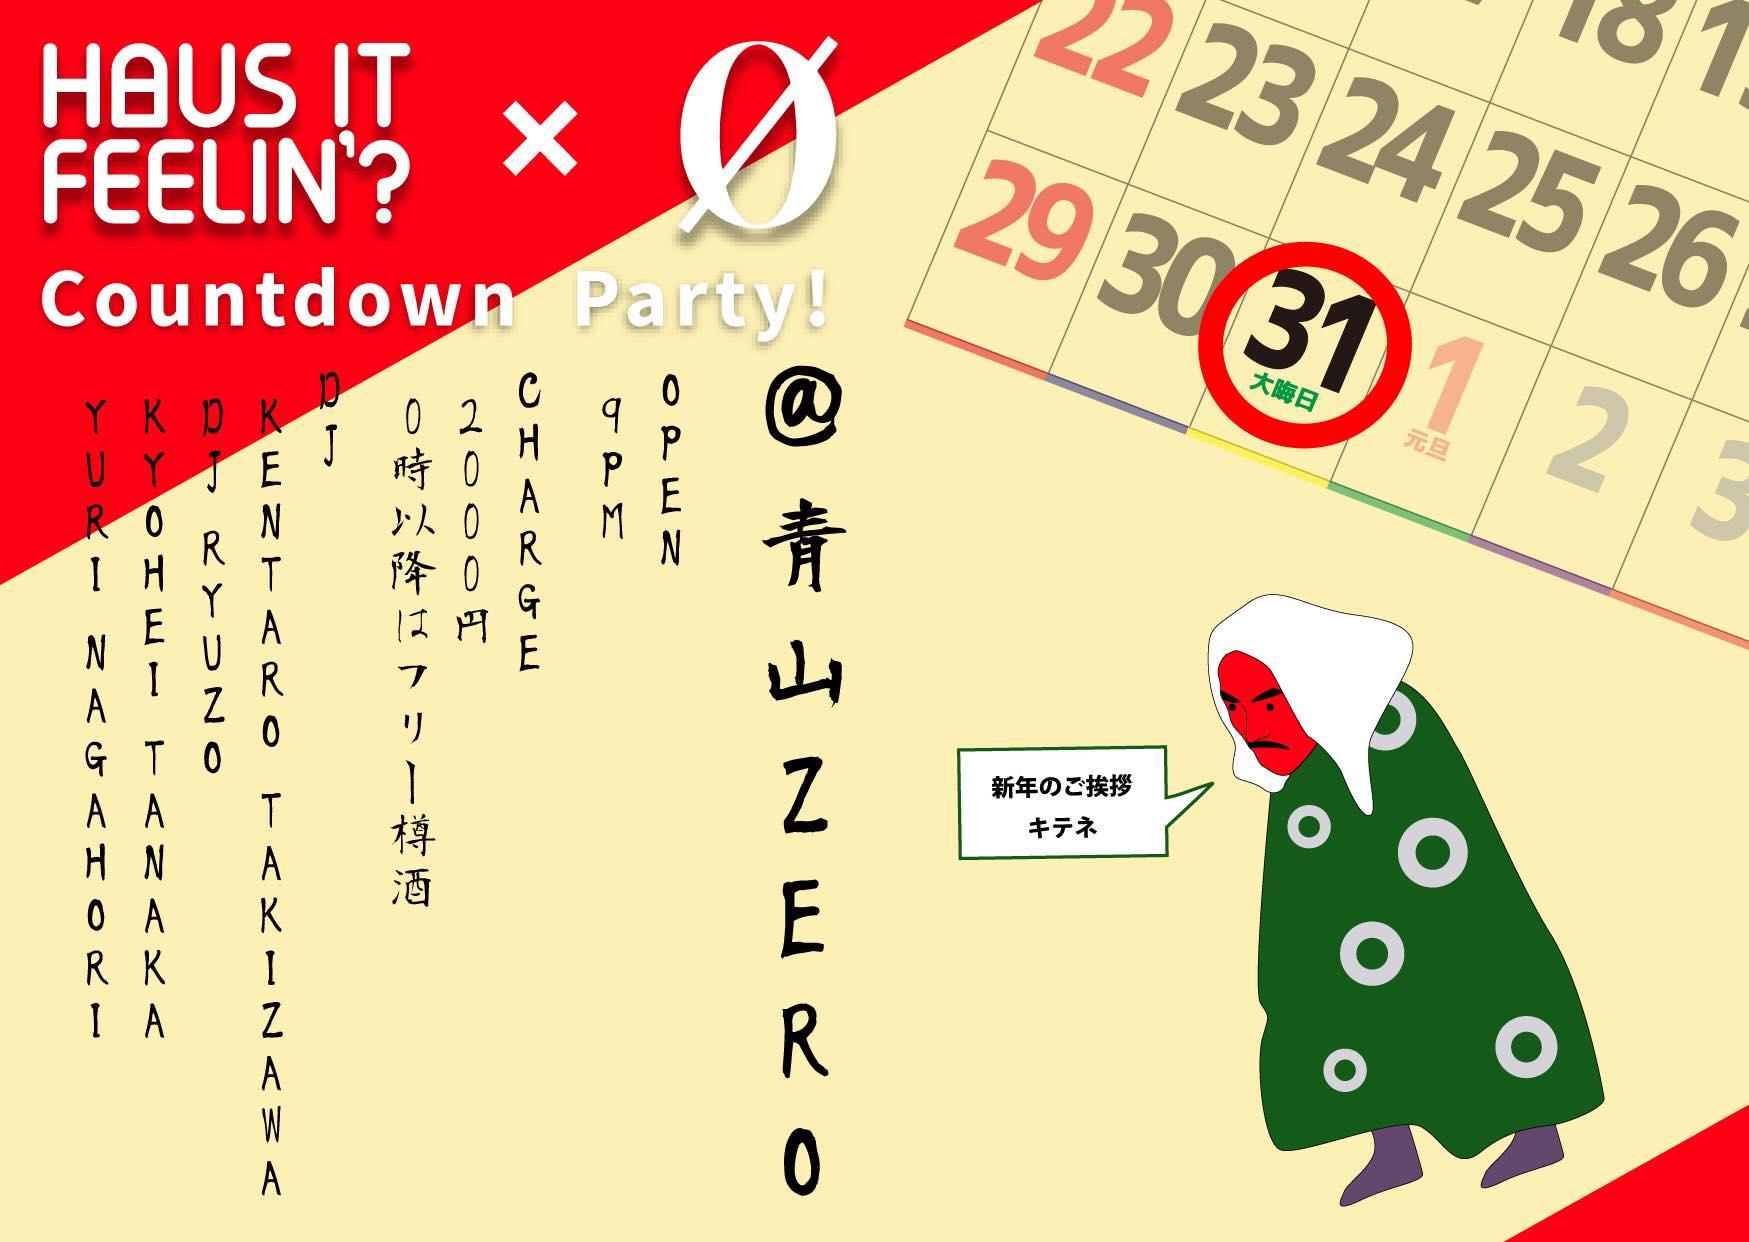 """ZERO 2019→2020 カウントダウンパーティーは、今やサンデイアフタヌーンパーティーの新定番になりつつあるKentaro Takizawaを中心に開催している""""Haus It Feelin' ? で祝う!"""